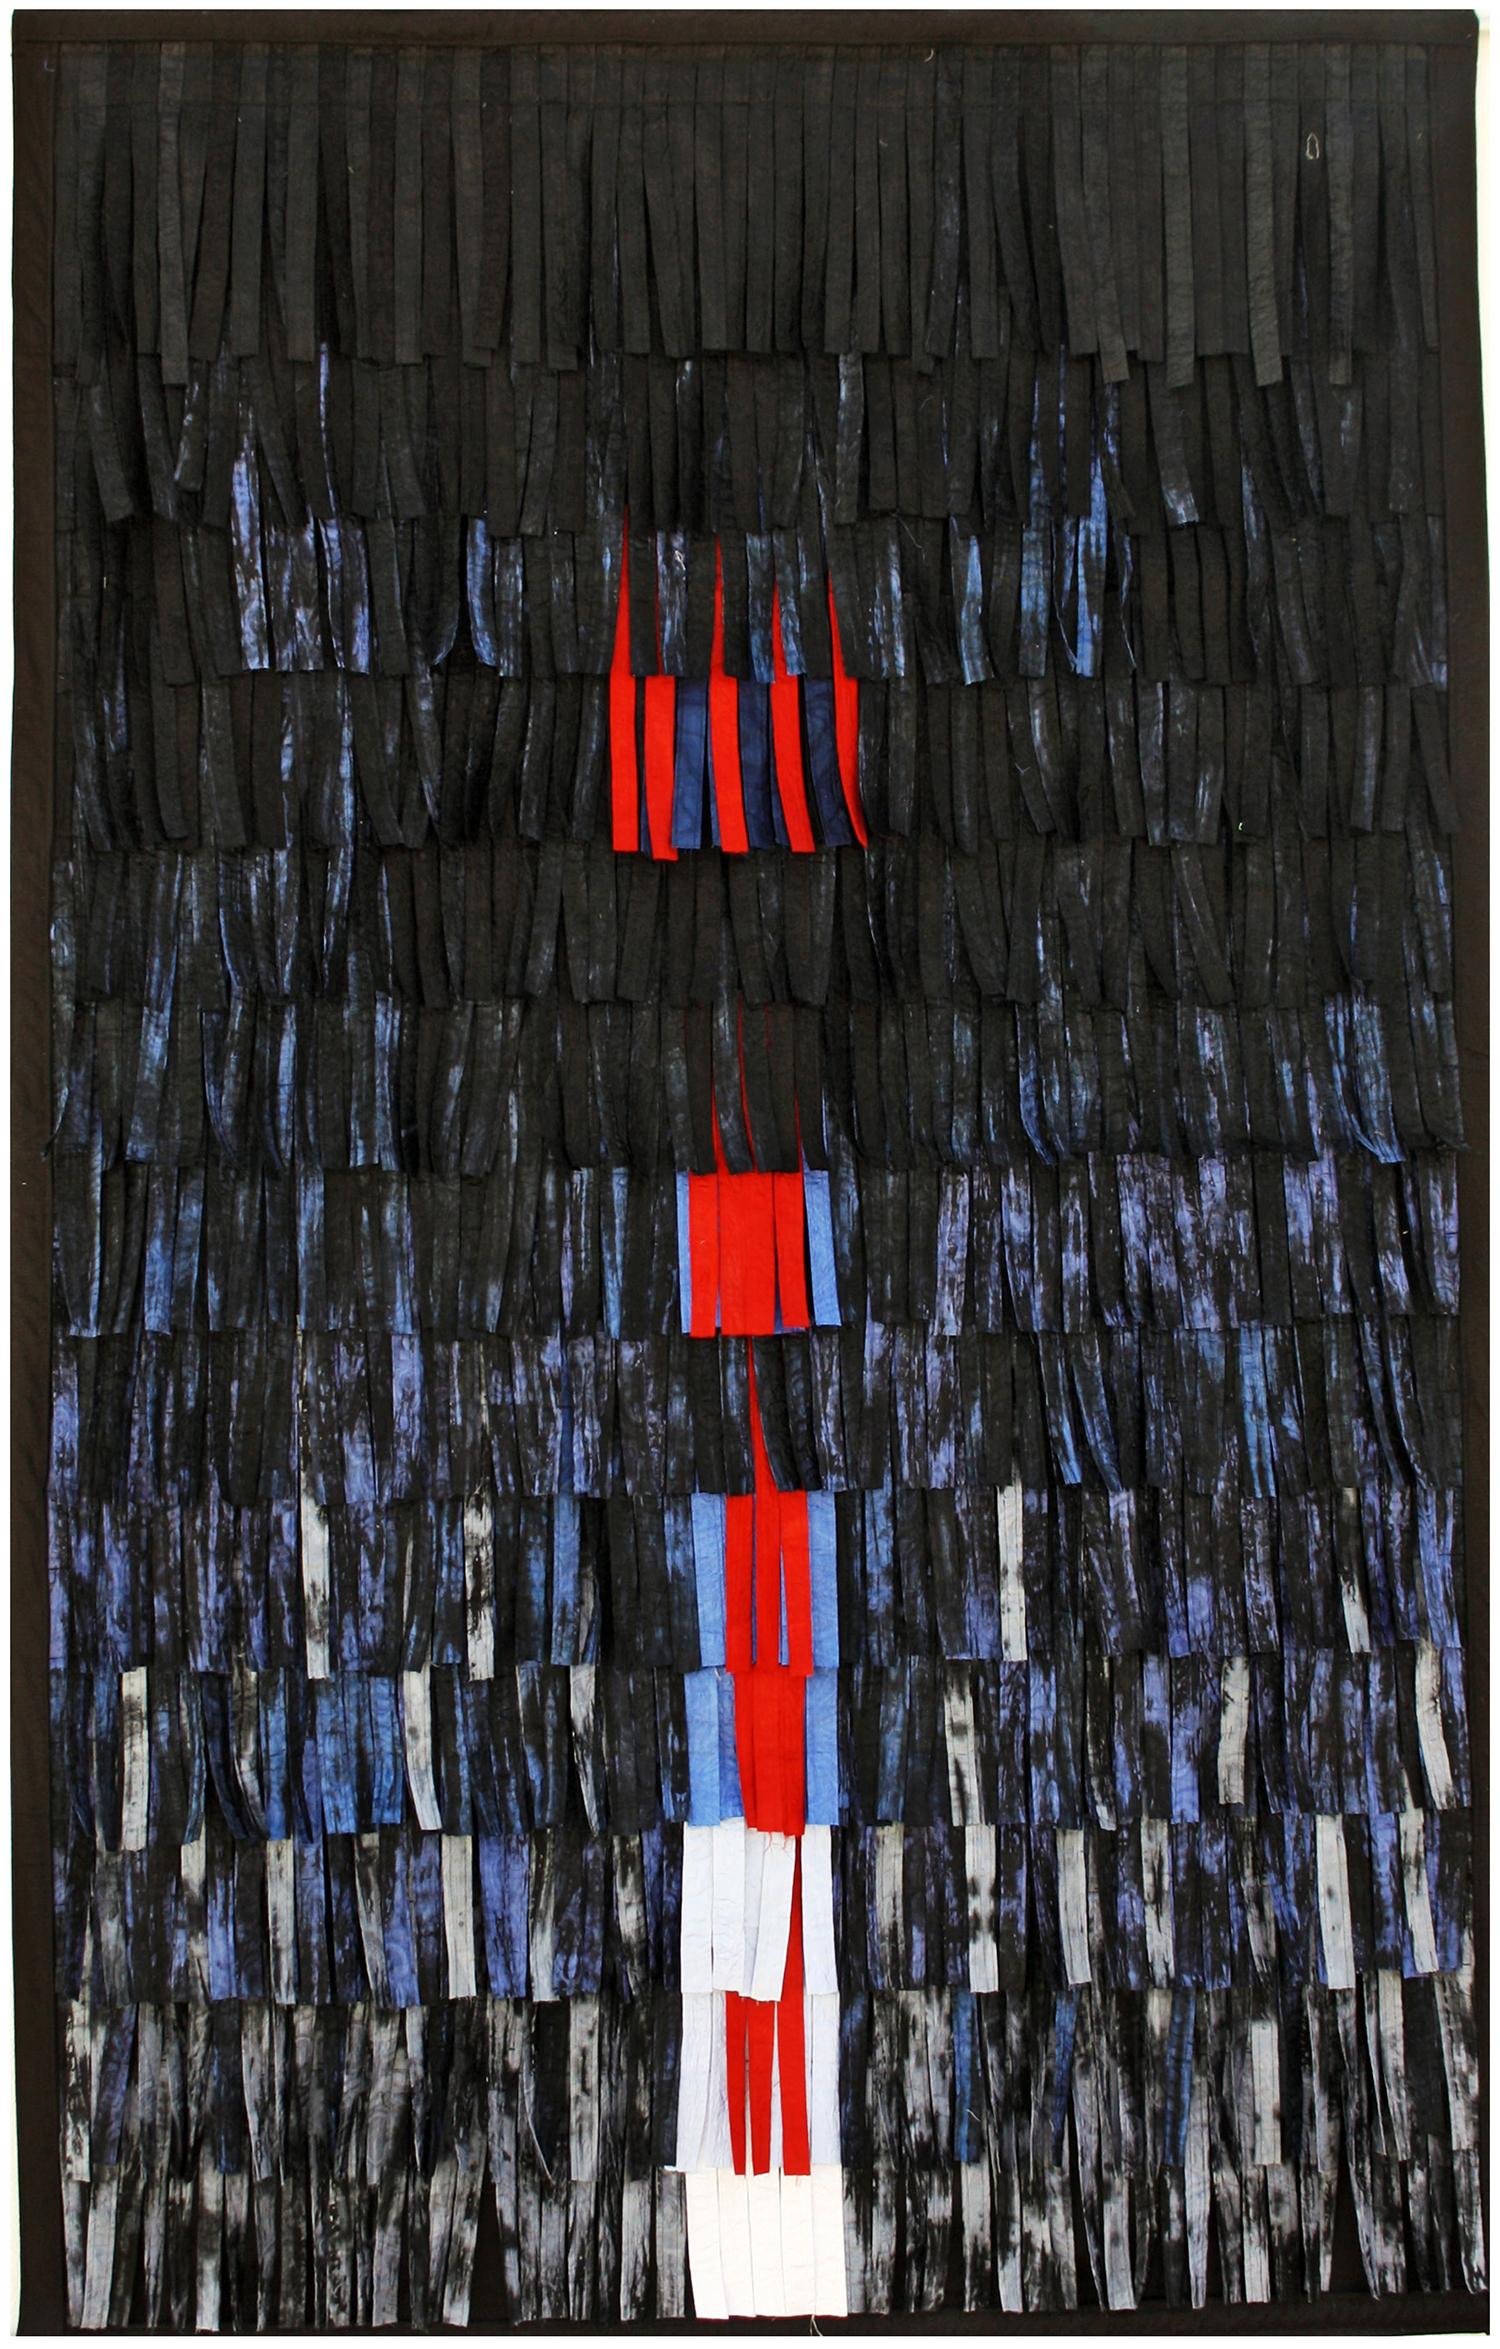 Abdoulaye Konaté, Composition 5, textile, 146x230cm, 2012